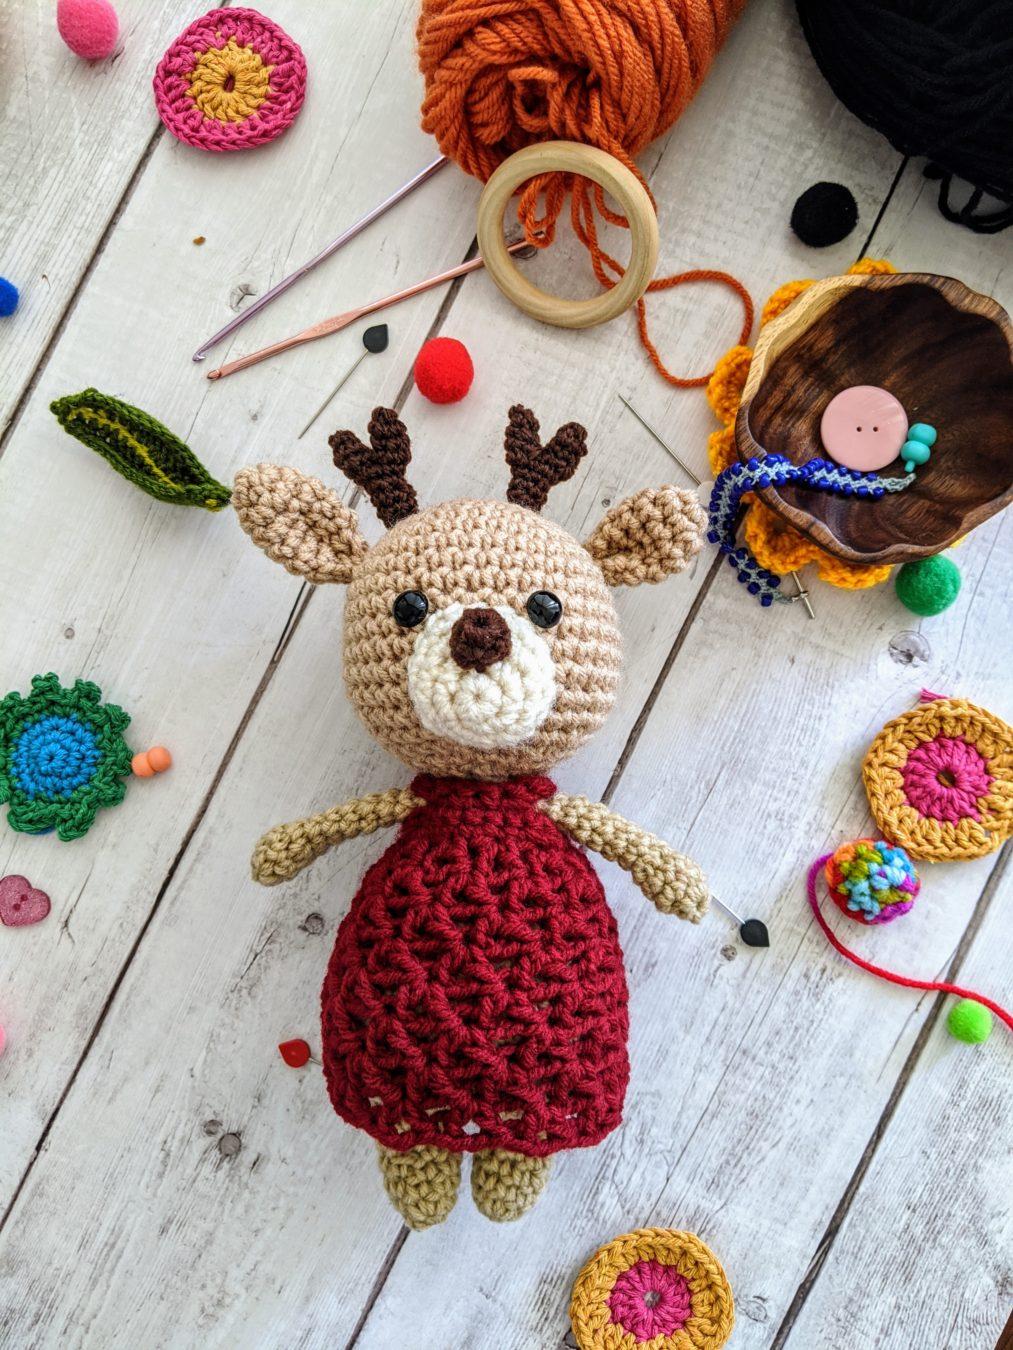 Amigurumi Deer Free Pattern (With images) | Crochet deer, Scarf ... | 1350x1013